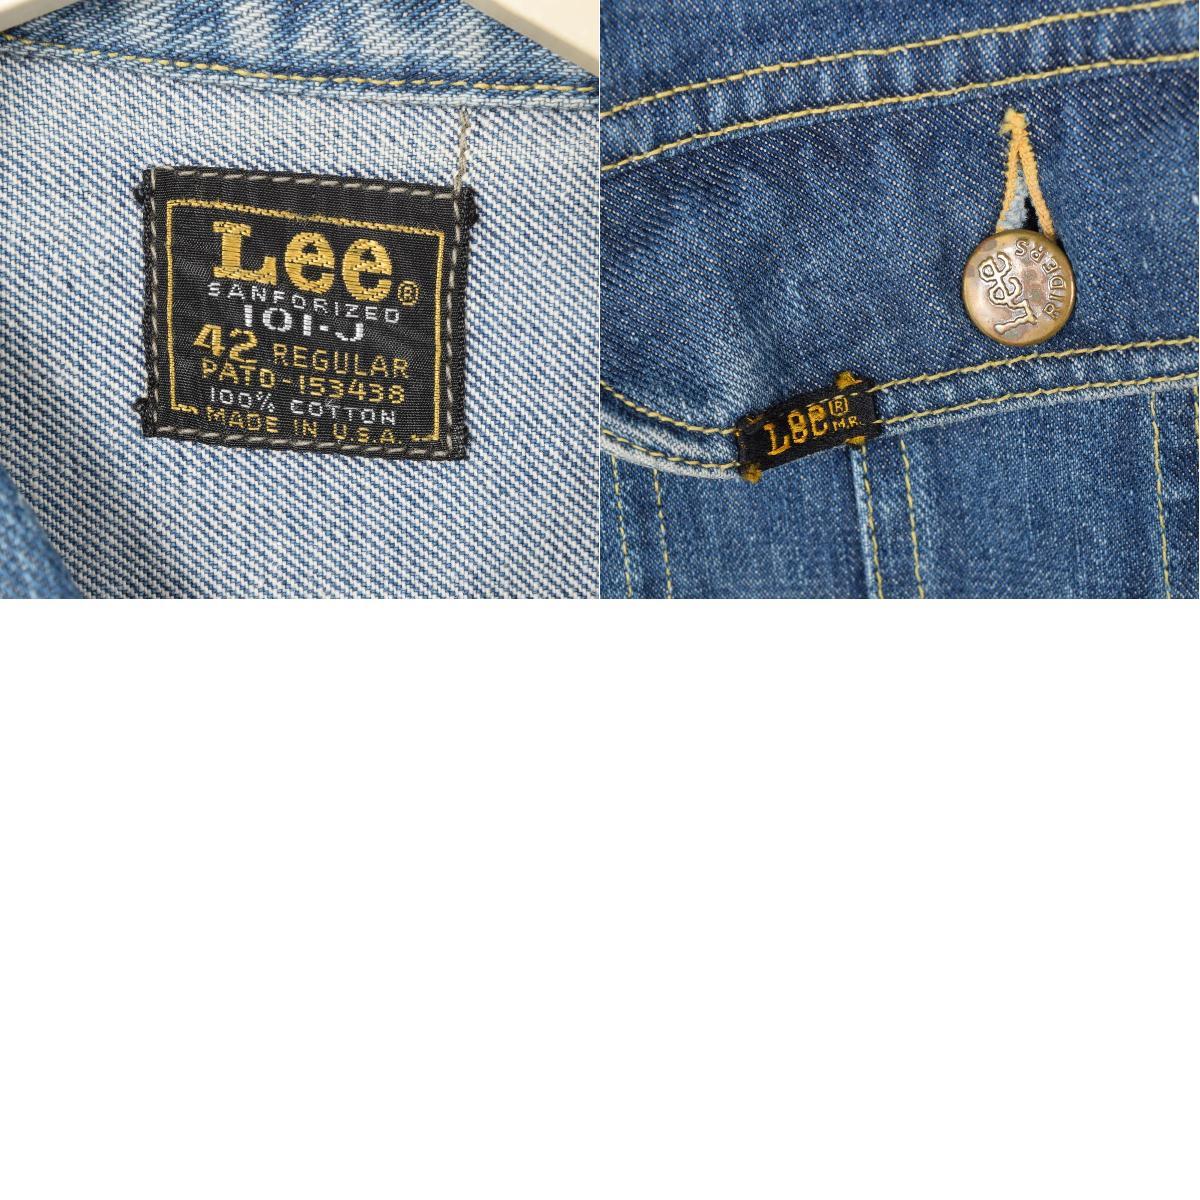 60年代ri 101-J USA制造粗斜纹布茄克G约翰42 REGULAR人L复古Lee/wes9844